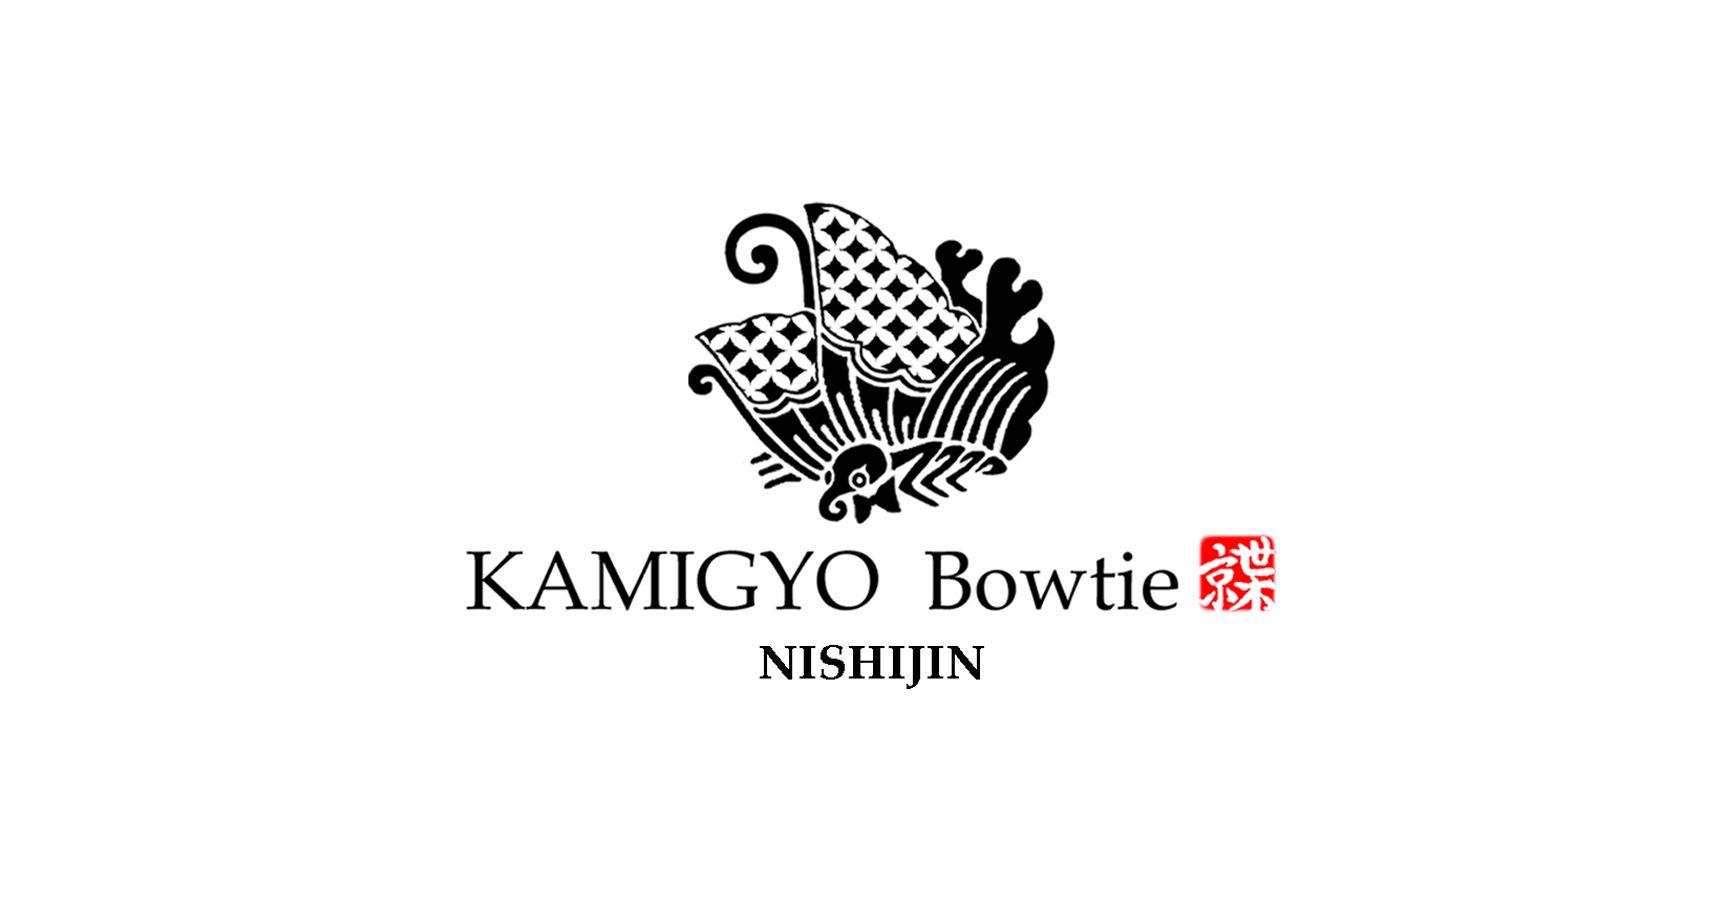 KAMIGYO Bowtie